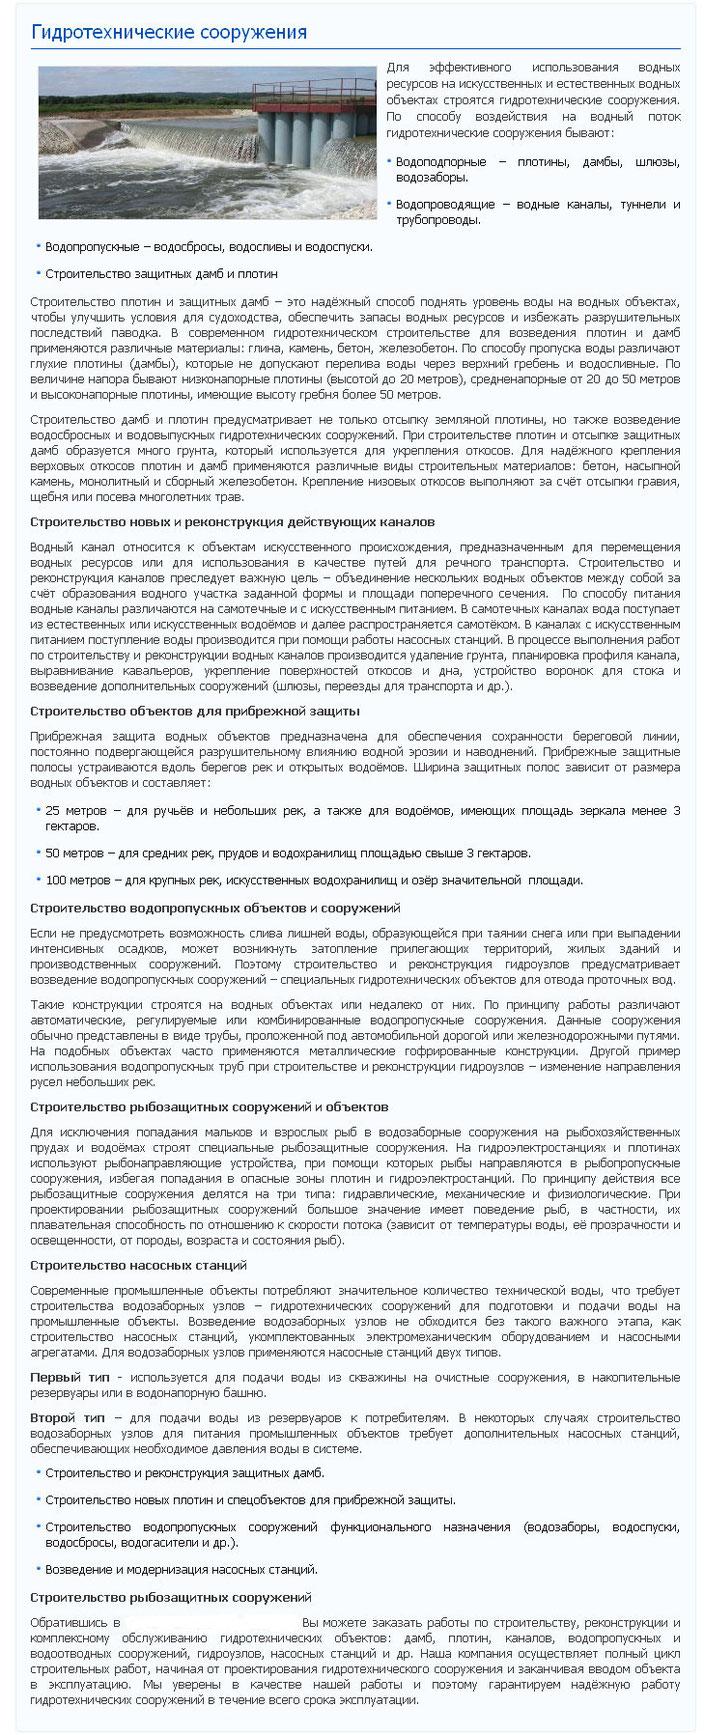 Пример оригинального текста на техническую тематику. Проектирование и строительство гидросооружений